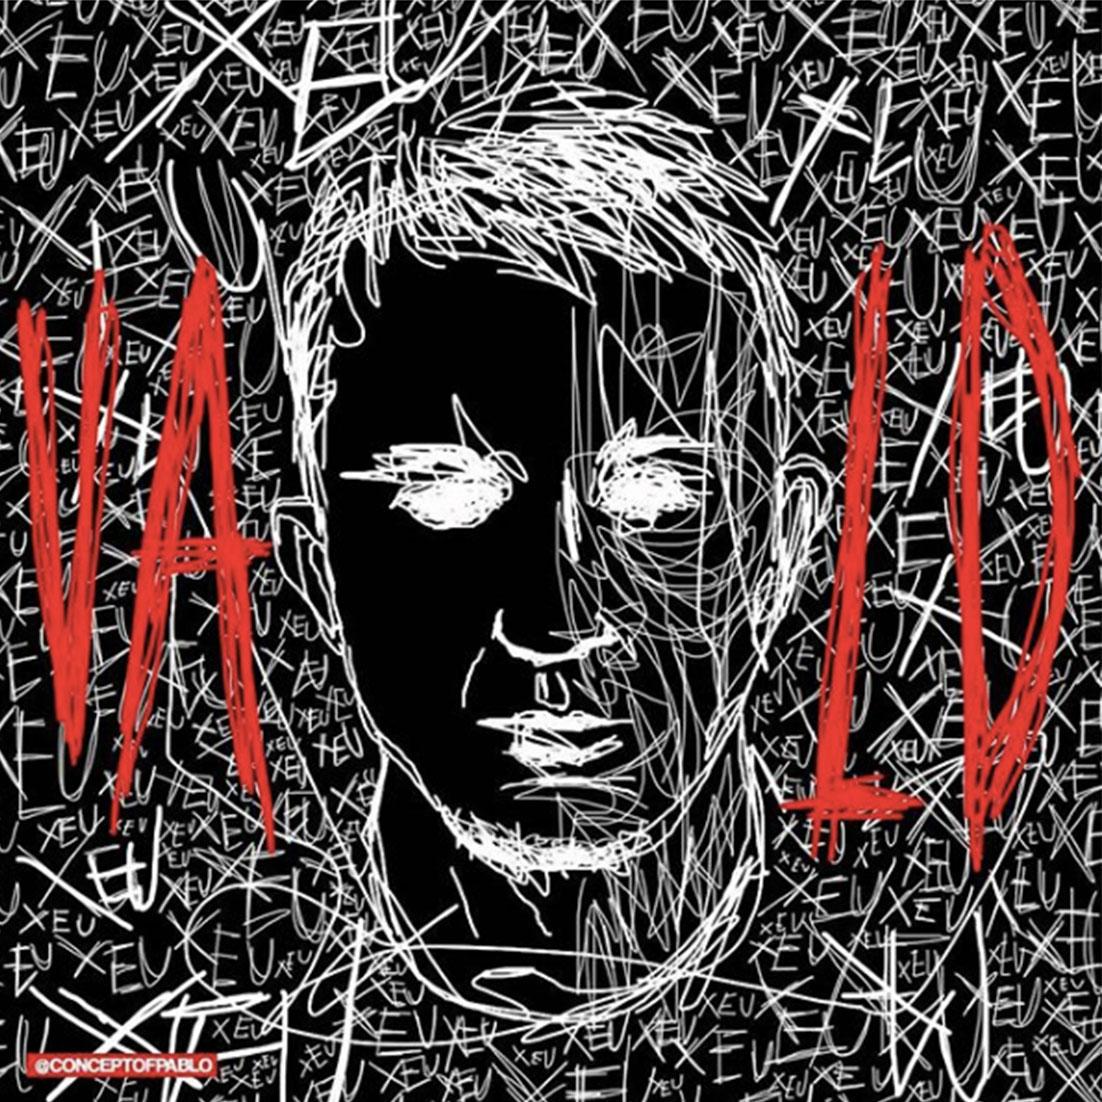 """Vald cover fans rap creation musique xeu - Les meilleures pochettes réalisées pour """"XEU"""", le nouvel album de Vald"""